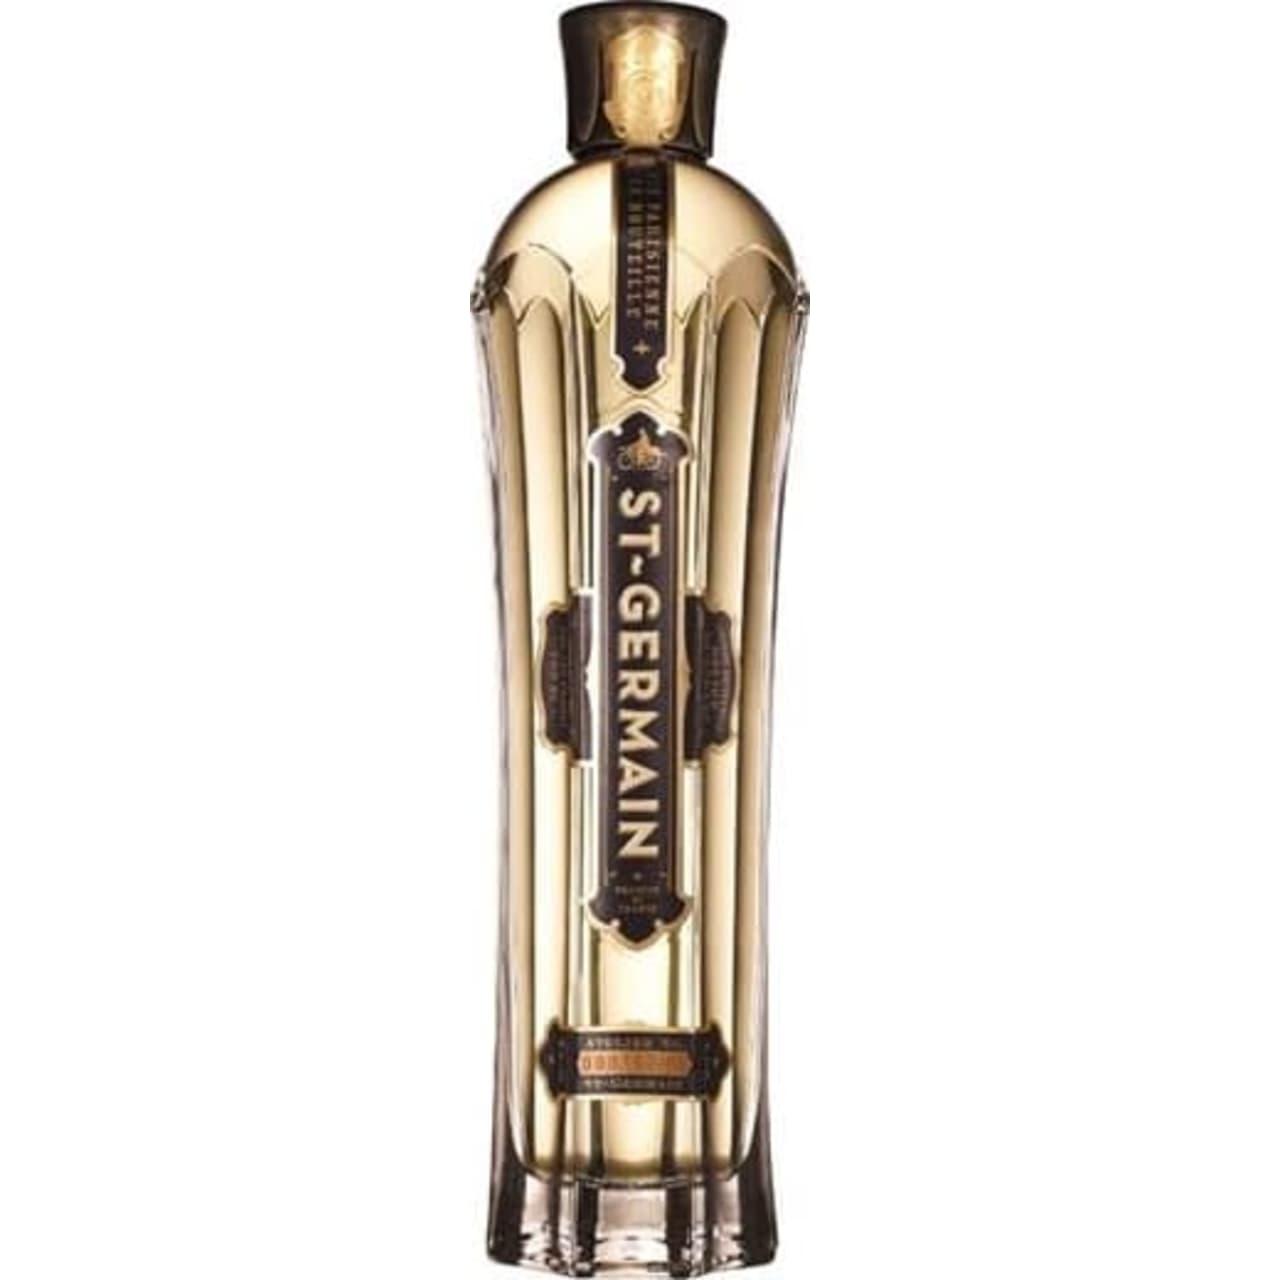 Product Image - St. Germain Elderflower Liqueur